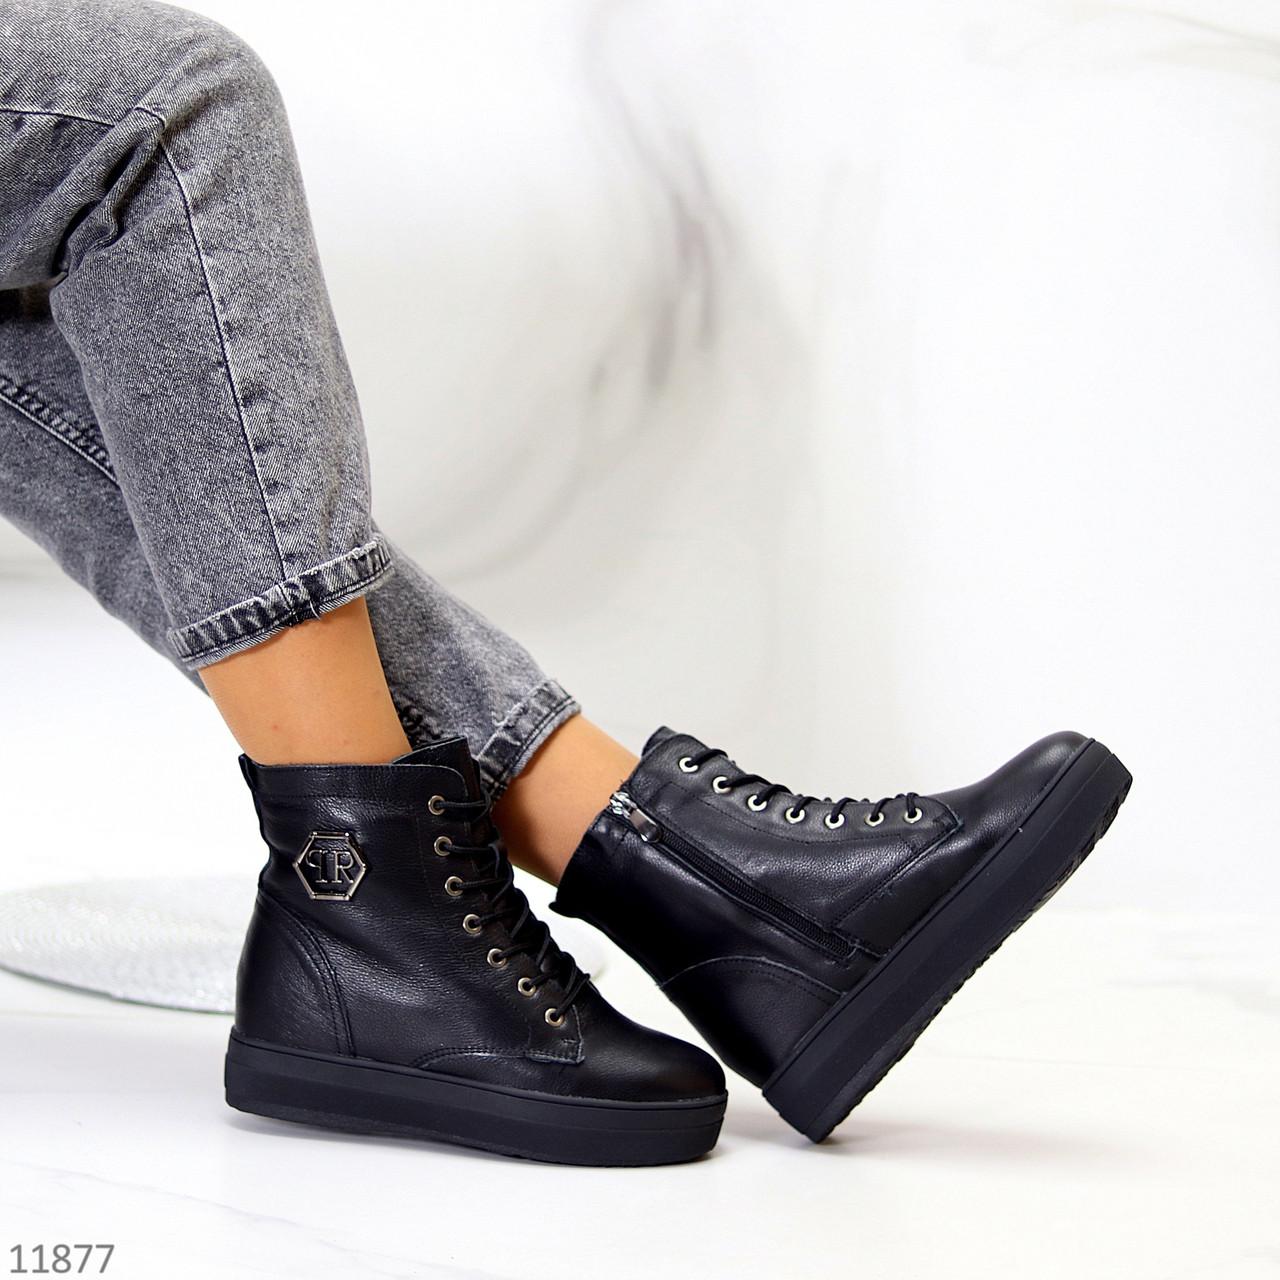 Удобные повседневные черные кожаные женские зимние ботинки натуральная кожа